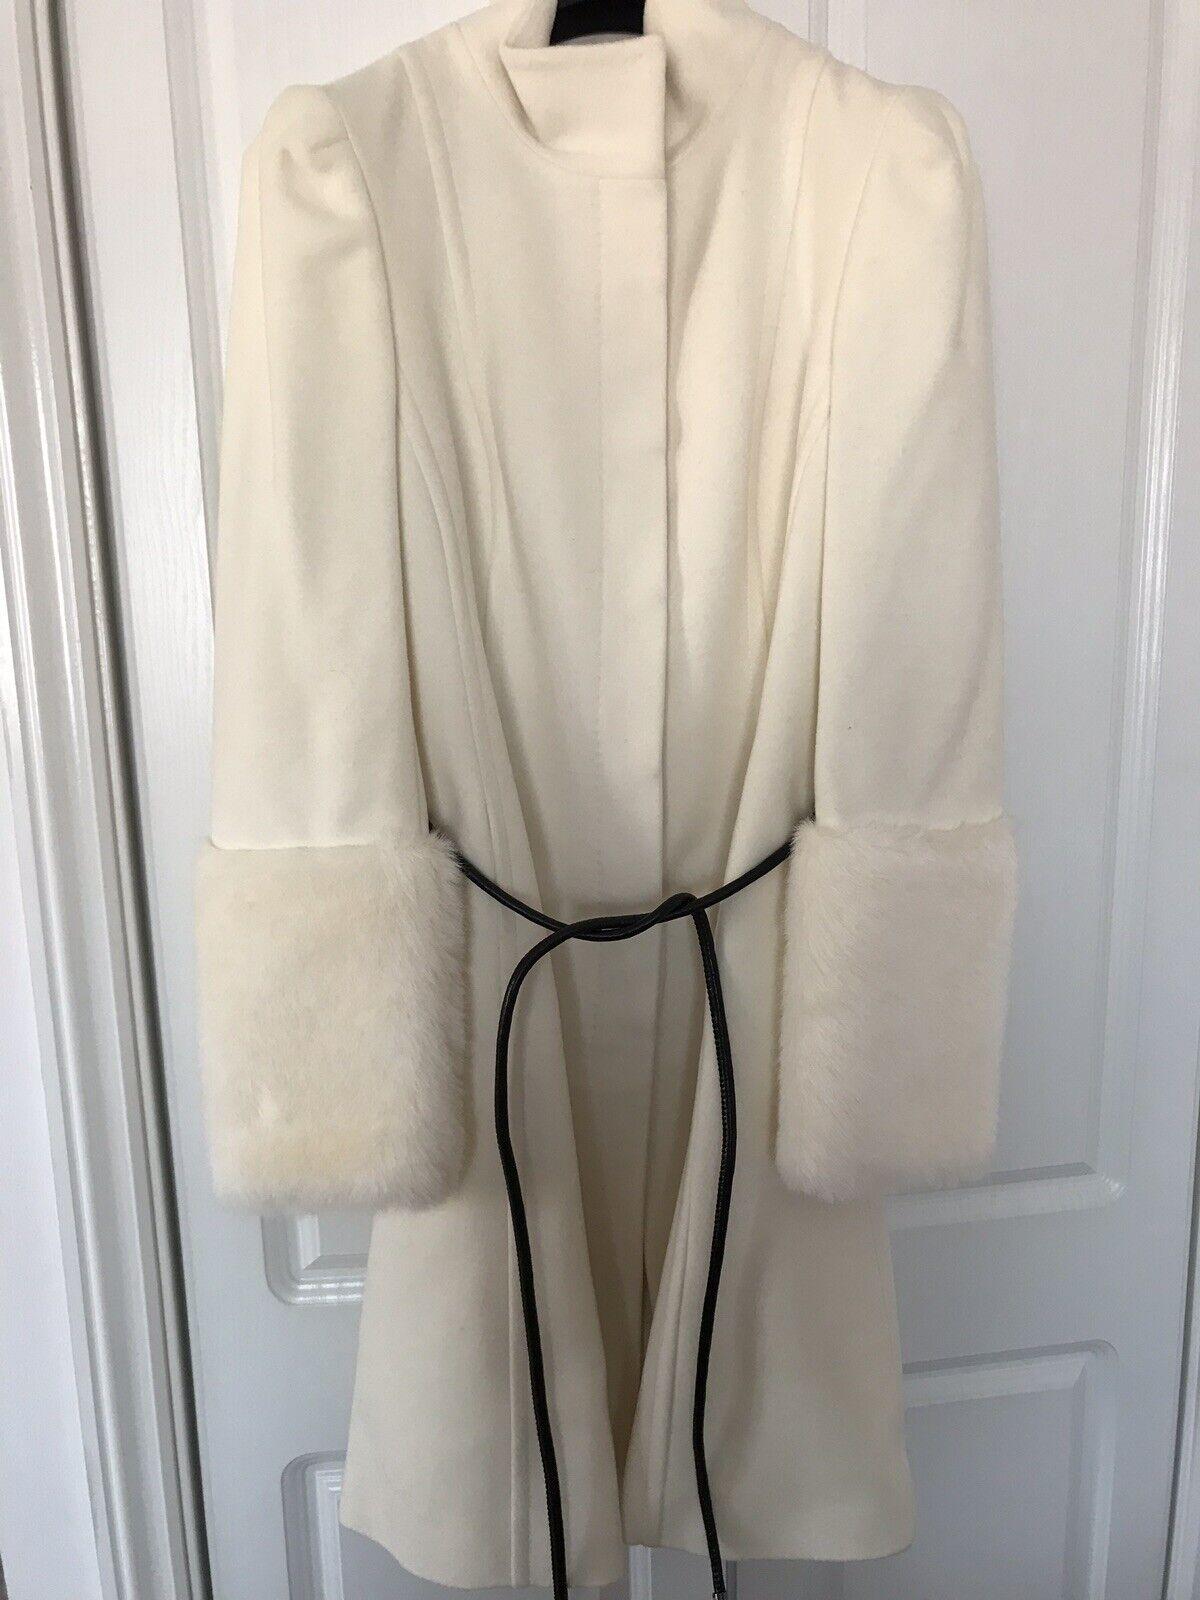 c8a8b371b Coat Wool Coast In Ivory RRP 12 Size Colour mhonc5828776-Coats ...